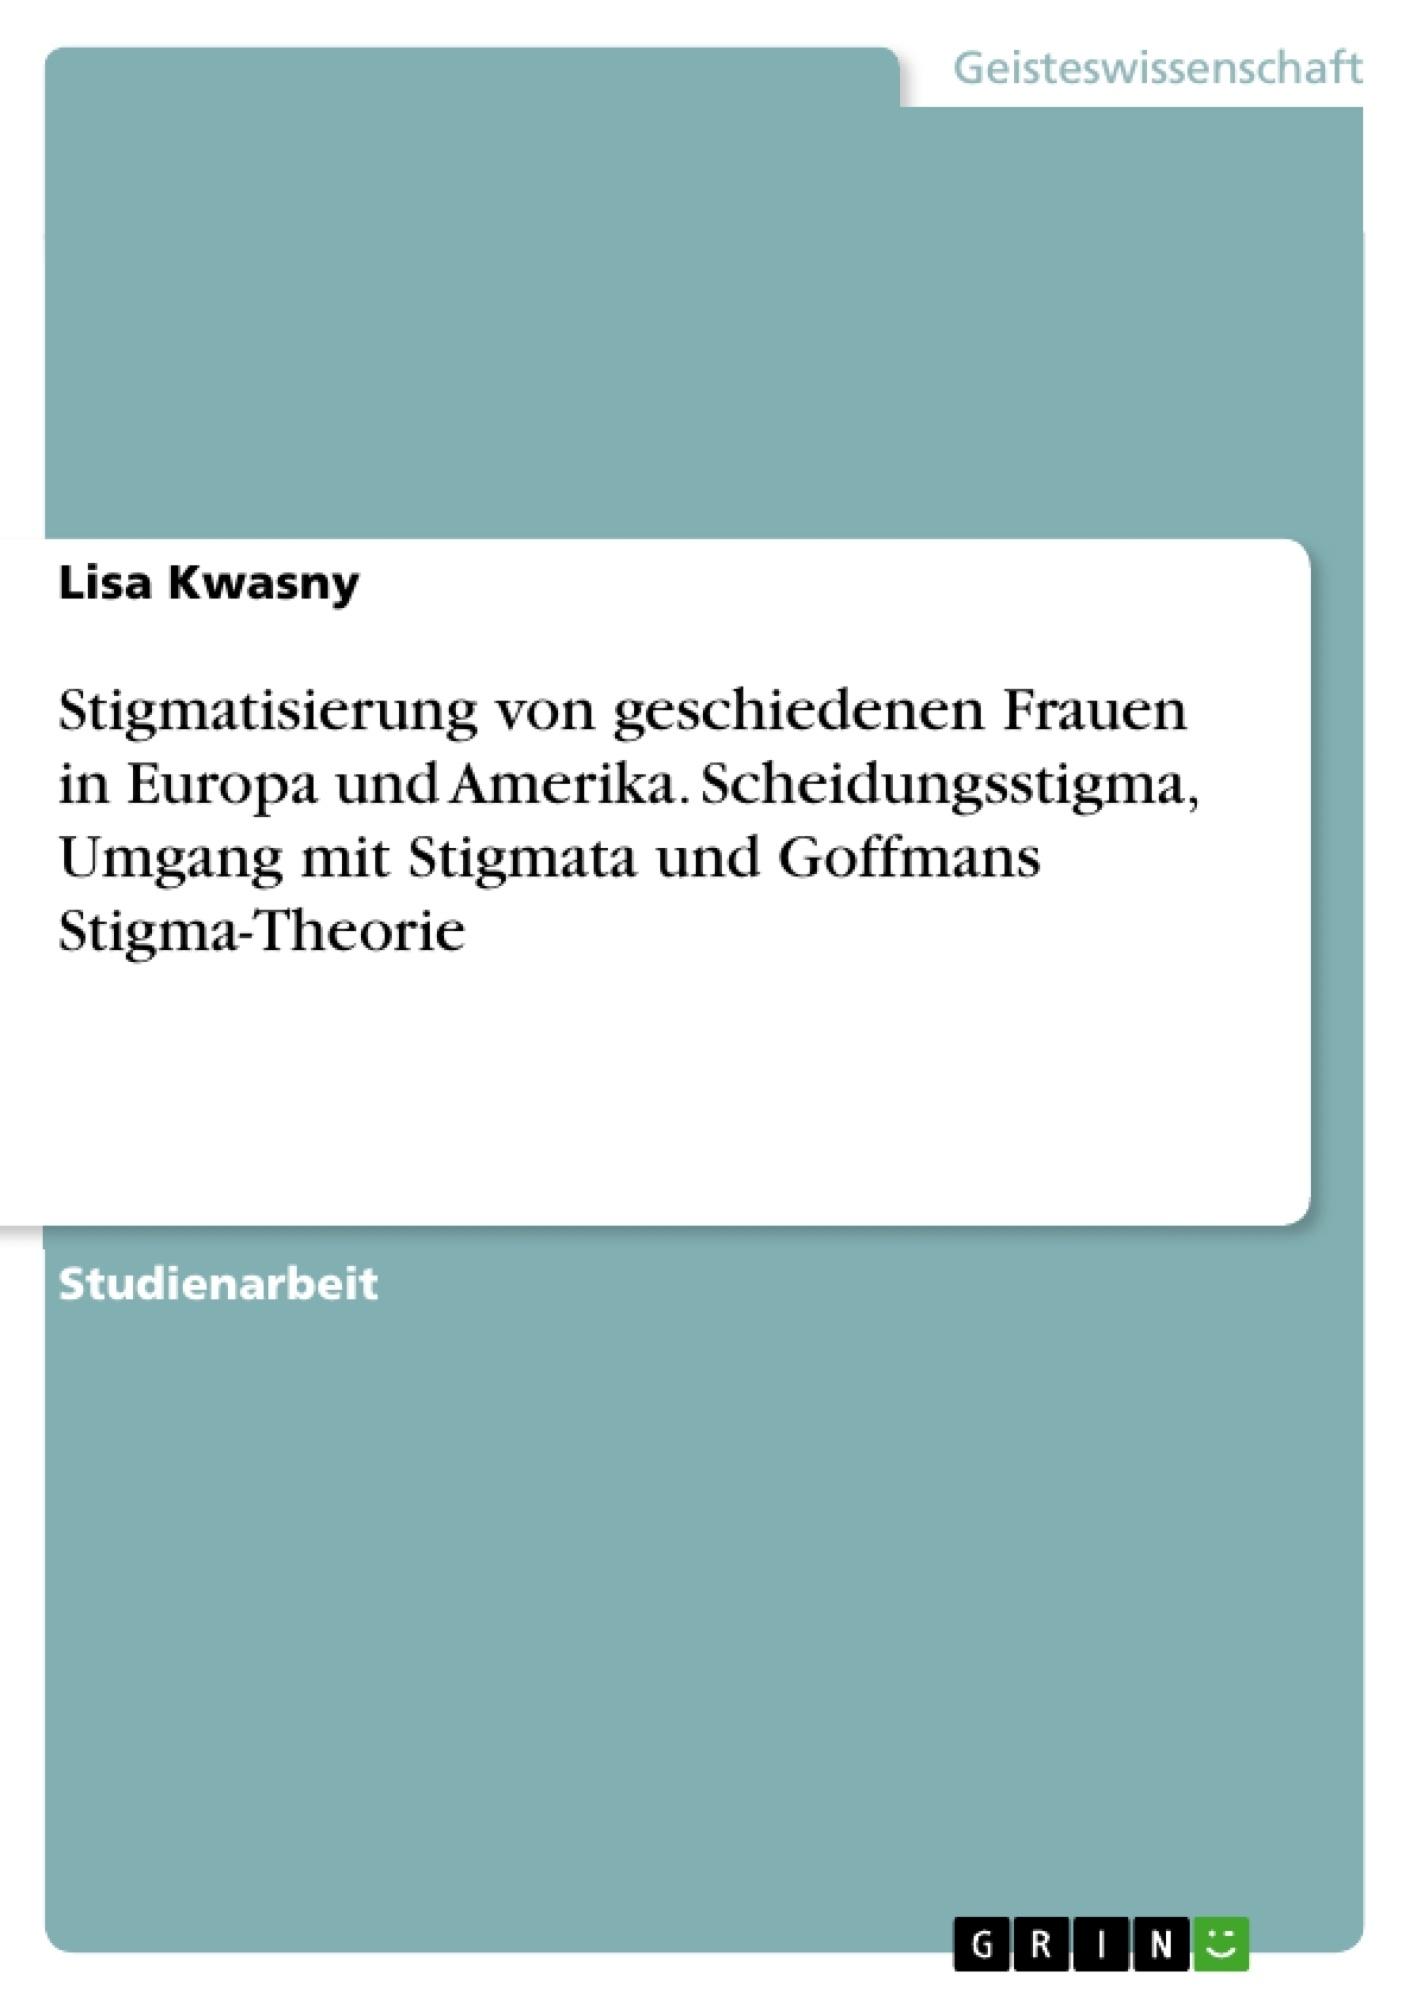 Titel: Stigmatisierung von geschiedenen Frauen in Europa und Amerika. Scheidungsstigma, Umgang mit Stigmata und Goffmans Stigma-Theorie